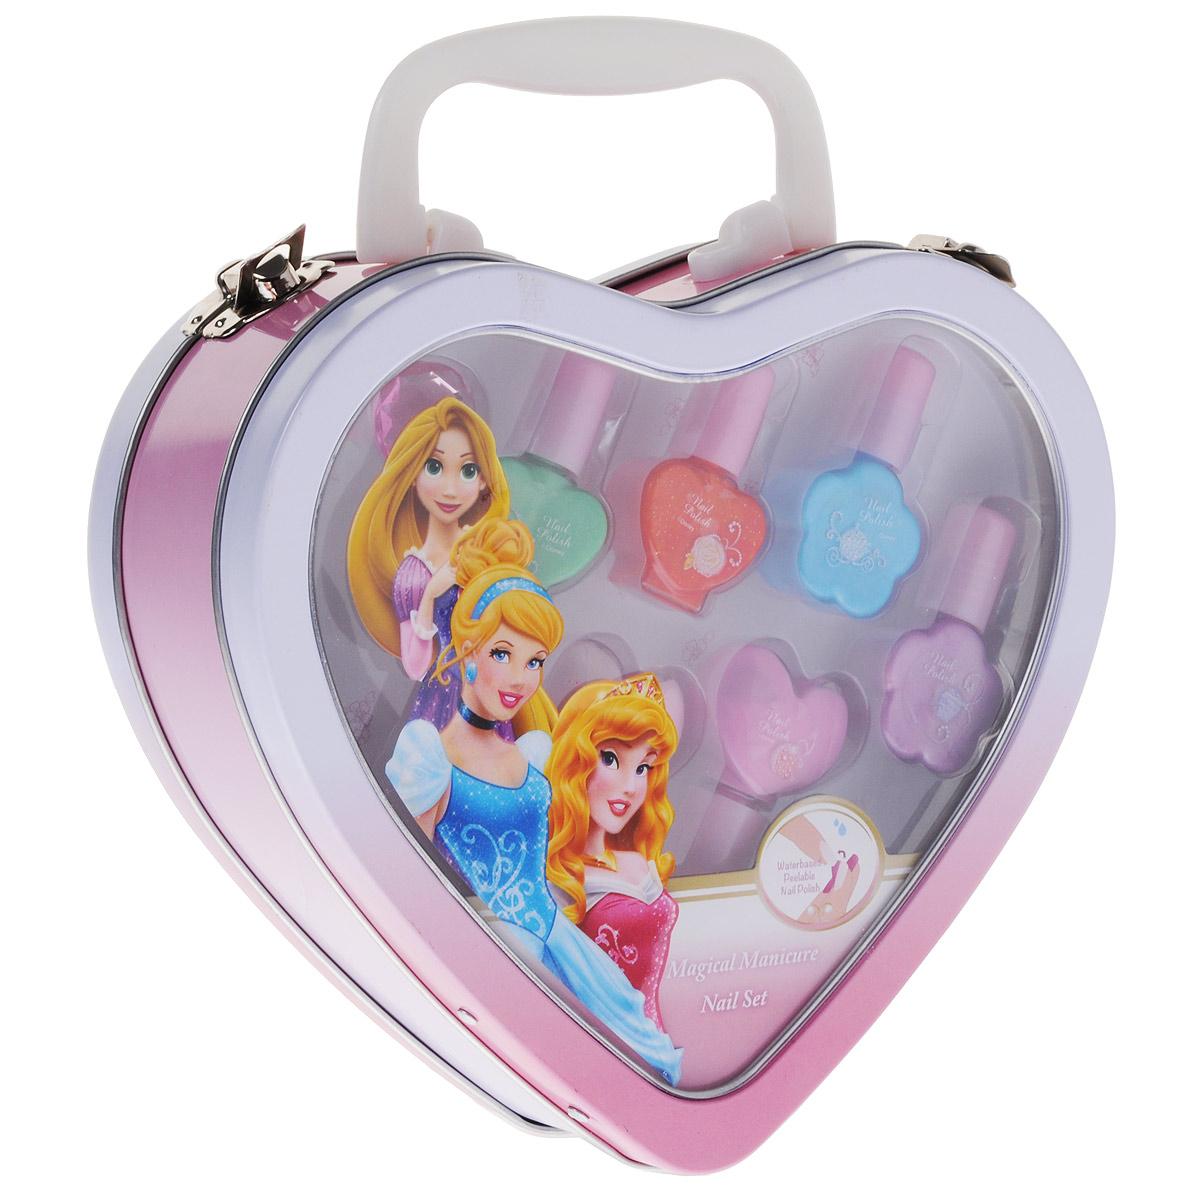 Disney Princess Подарочный набор детской декоративной косметики